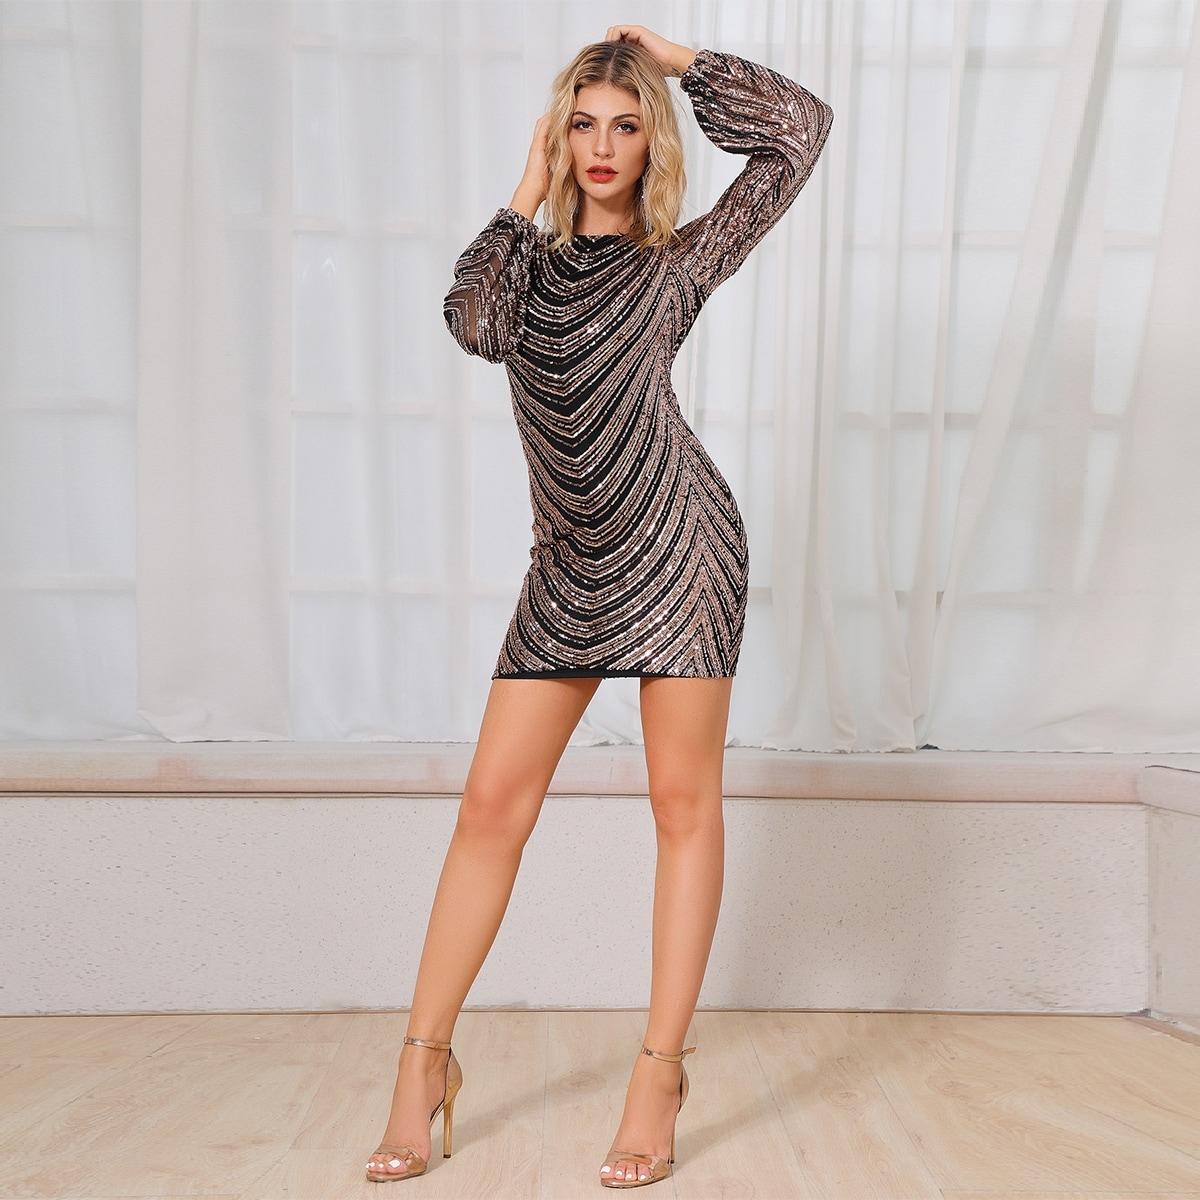 DKRX шевронное облегающее блестящее платье с открытой спиной Image